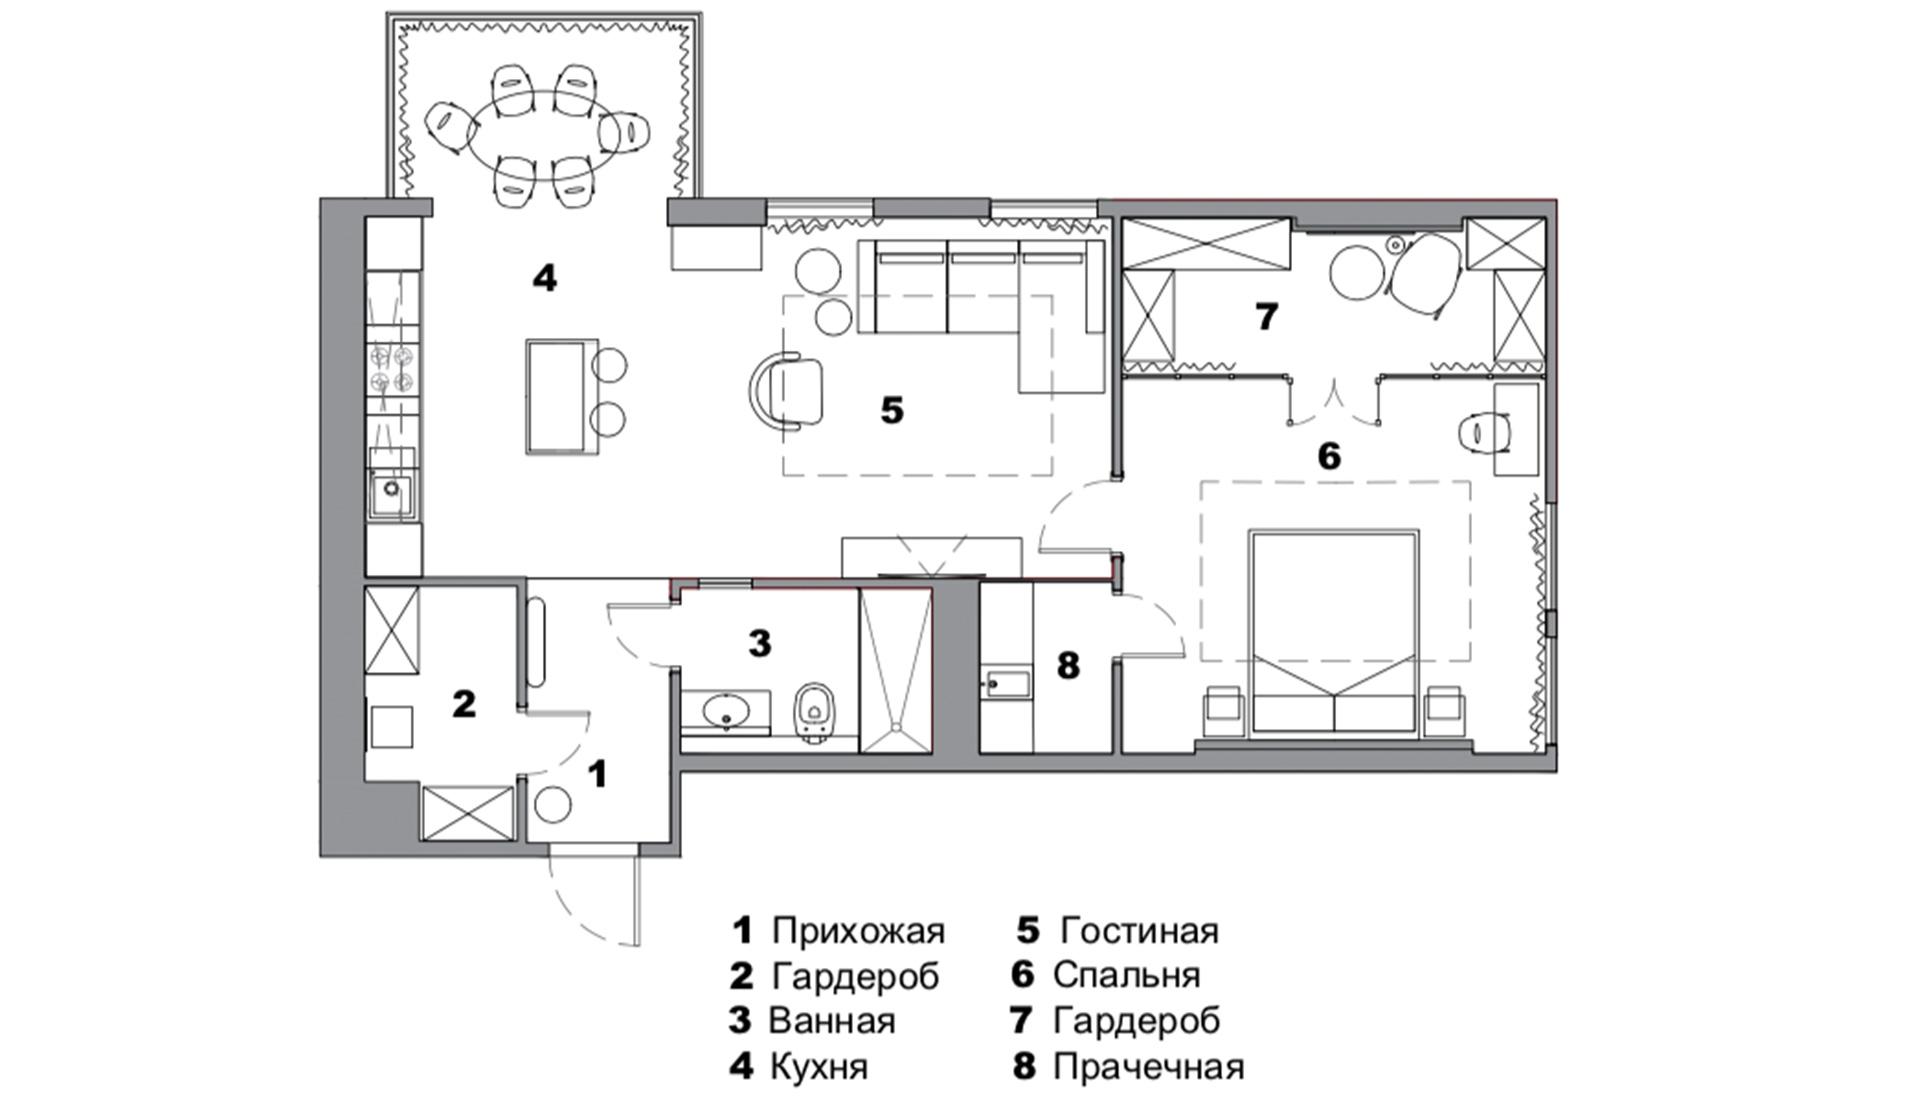 Планировка квартиры 85 кв м фото